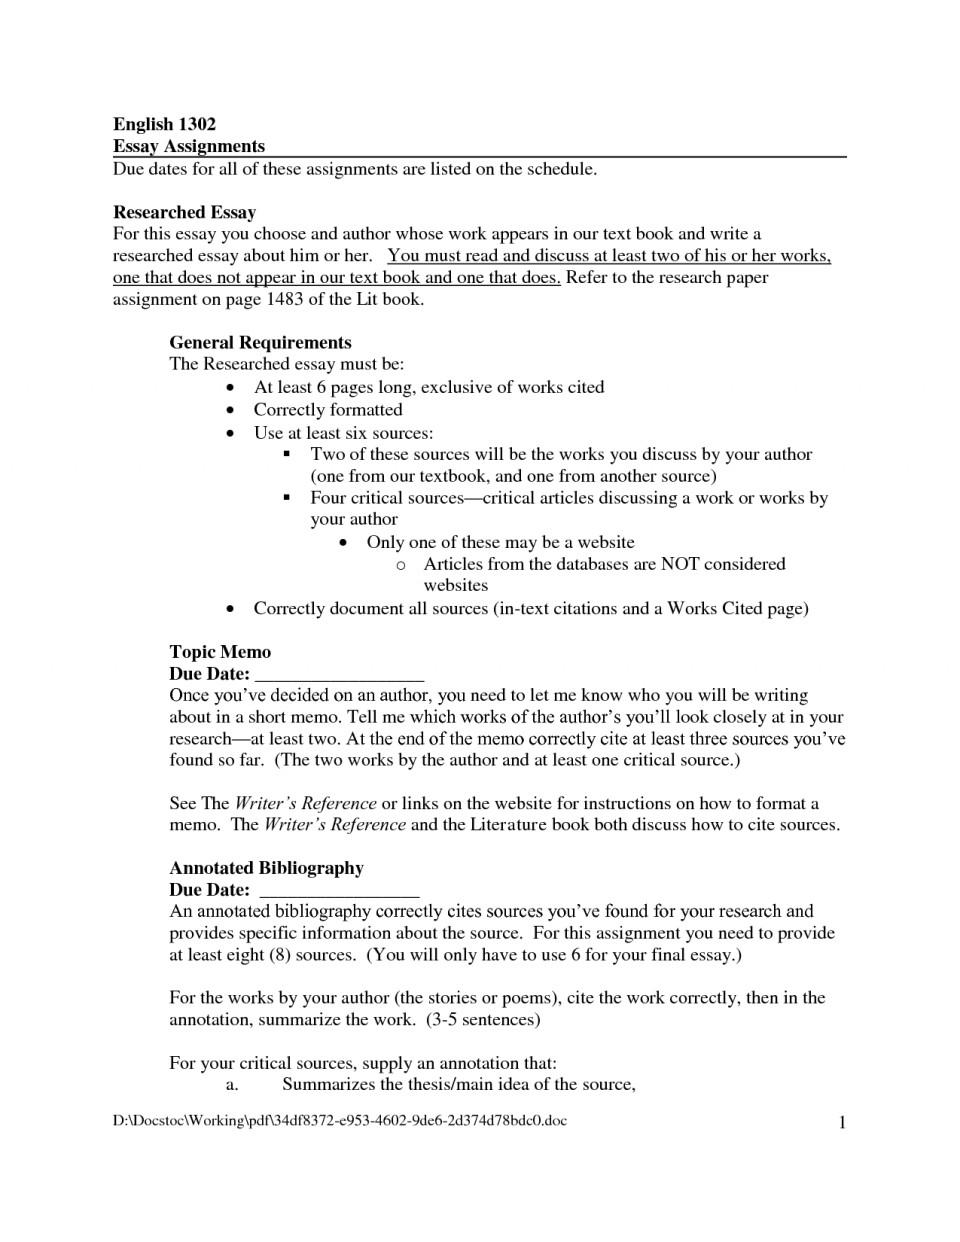 Biographical Essay - Free Essay Example | blogger.com